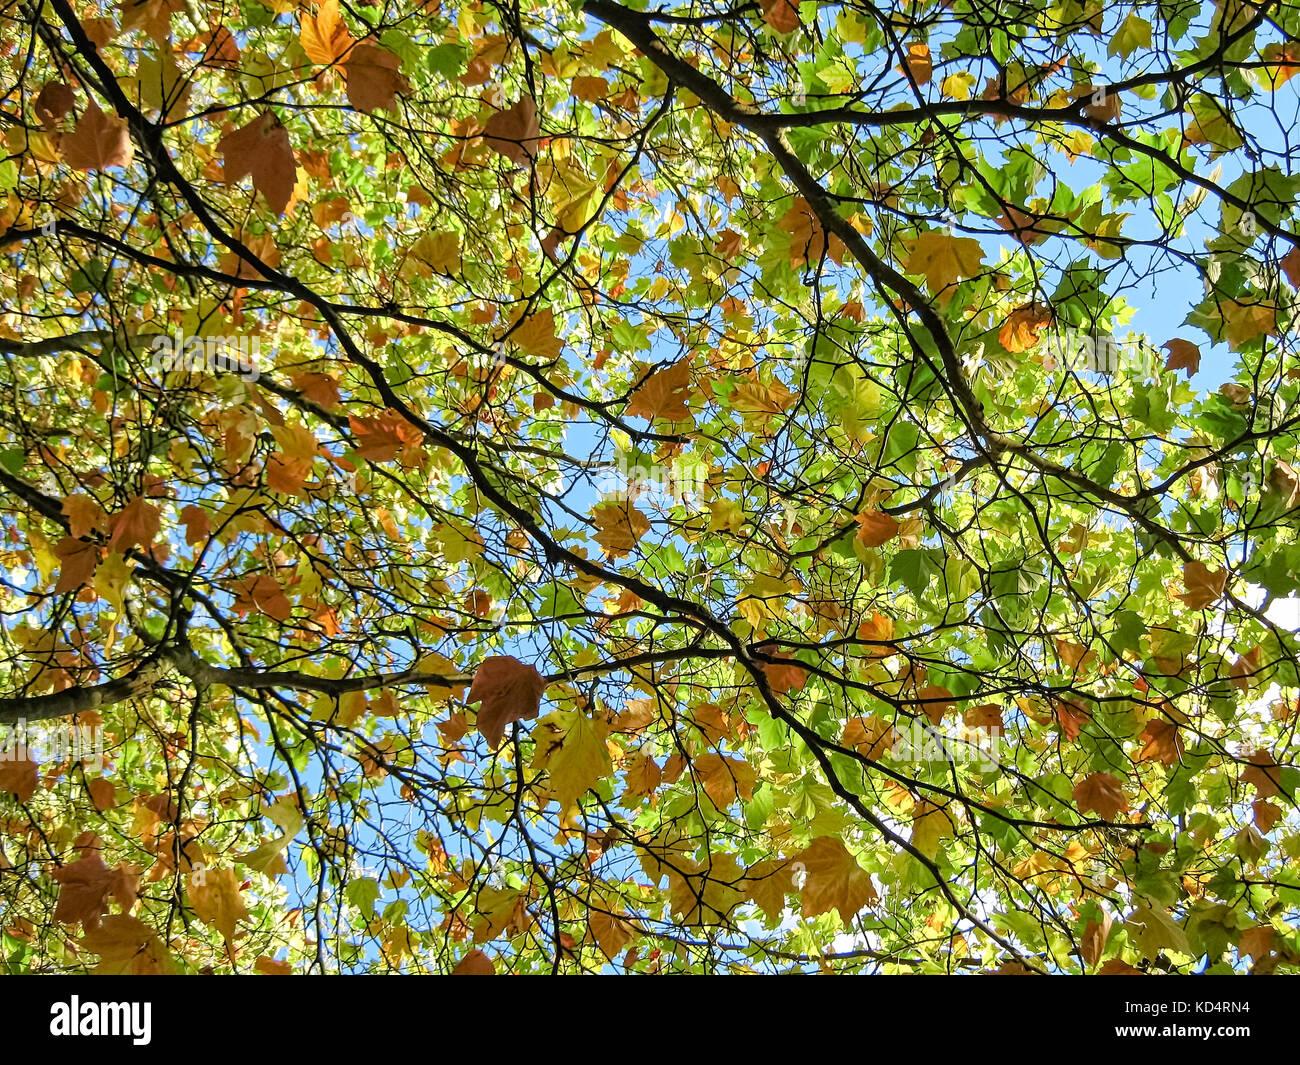 Screen Saver Stock Photos Amp Screen Saver Stock Images Alamy